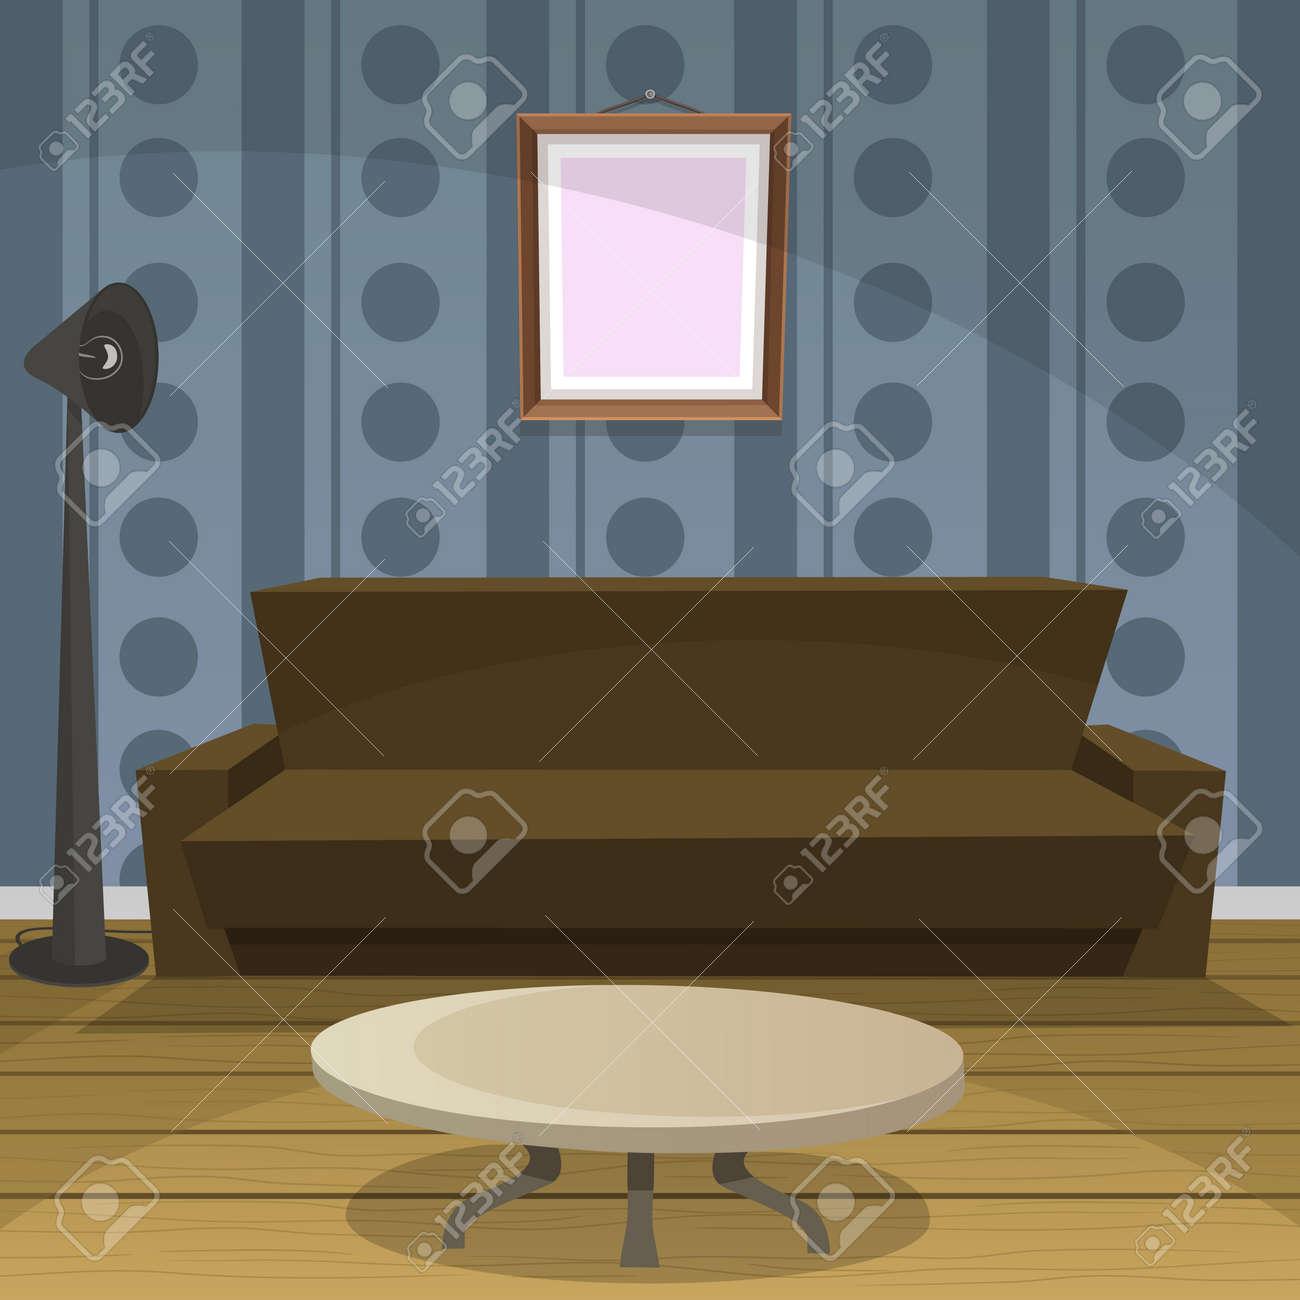 Habitacion Retro Azul Ilustraciones Vectoriales Clip Art - Habitacion-retro